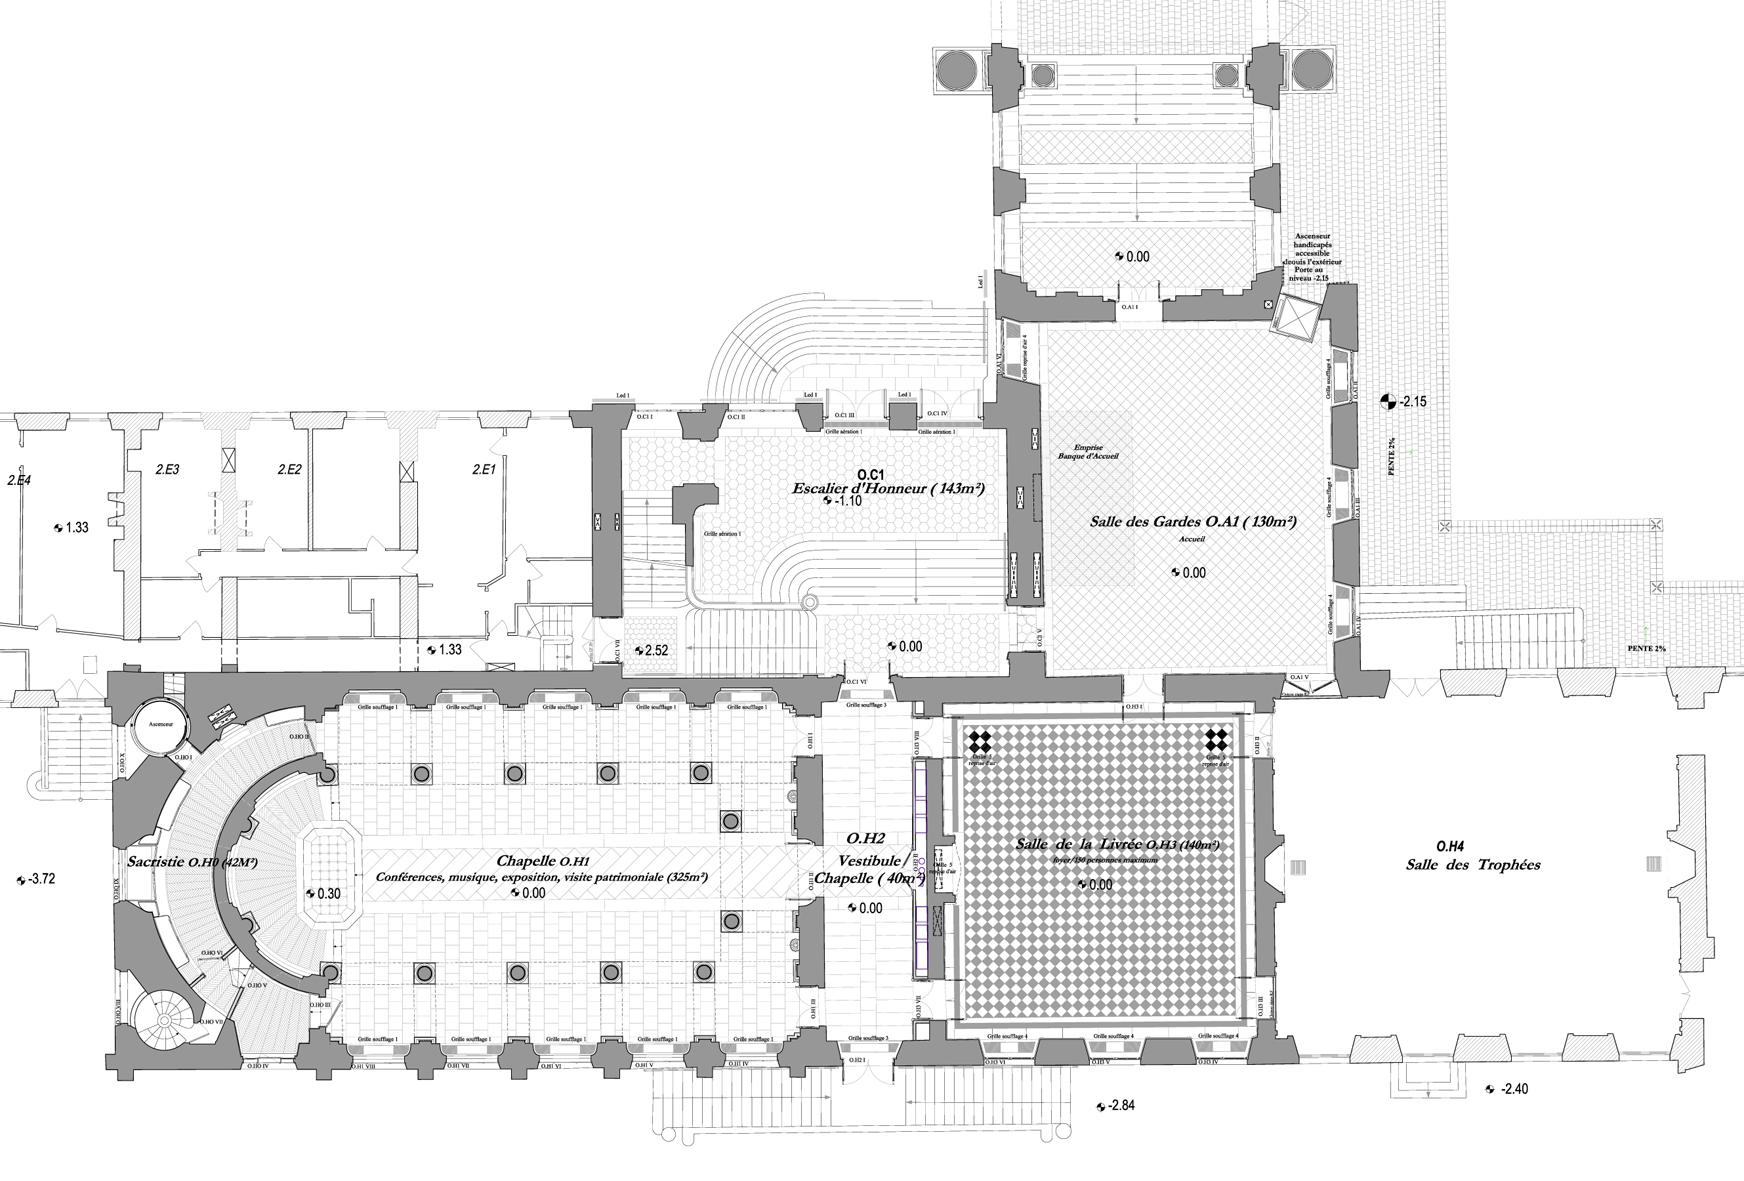 Agence Caillault ACMH – Palais ducal – Luneville – Plan de la Chapelle et des espaces adjacents